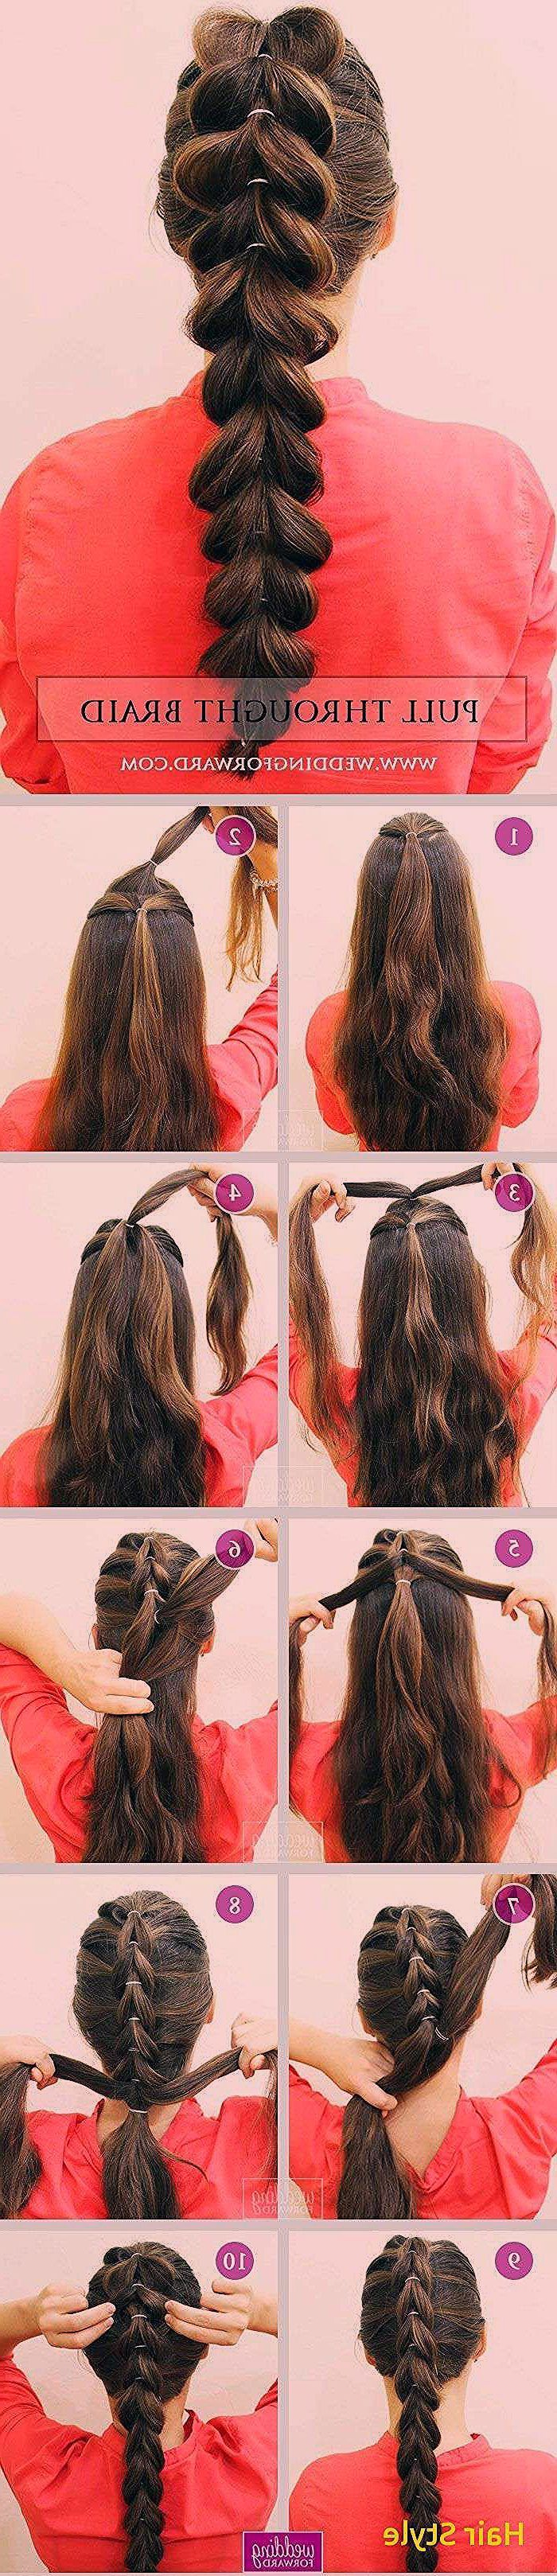 Luxus einfache Frisur für Mädchen zu Hause Schritt für Schritt #Short Hair #d …